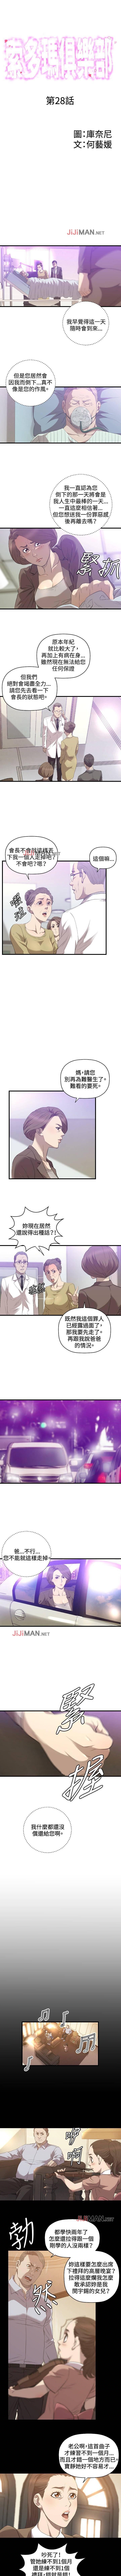 【已完结】索多玛俱乐部(作者:何藝媛&庫奈尼) 第1~32话 130